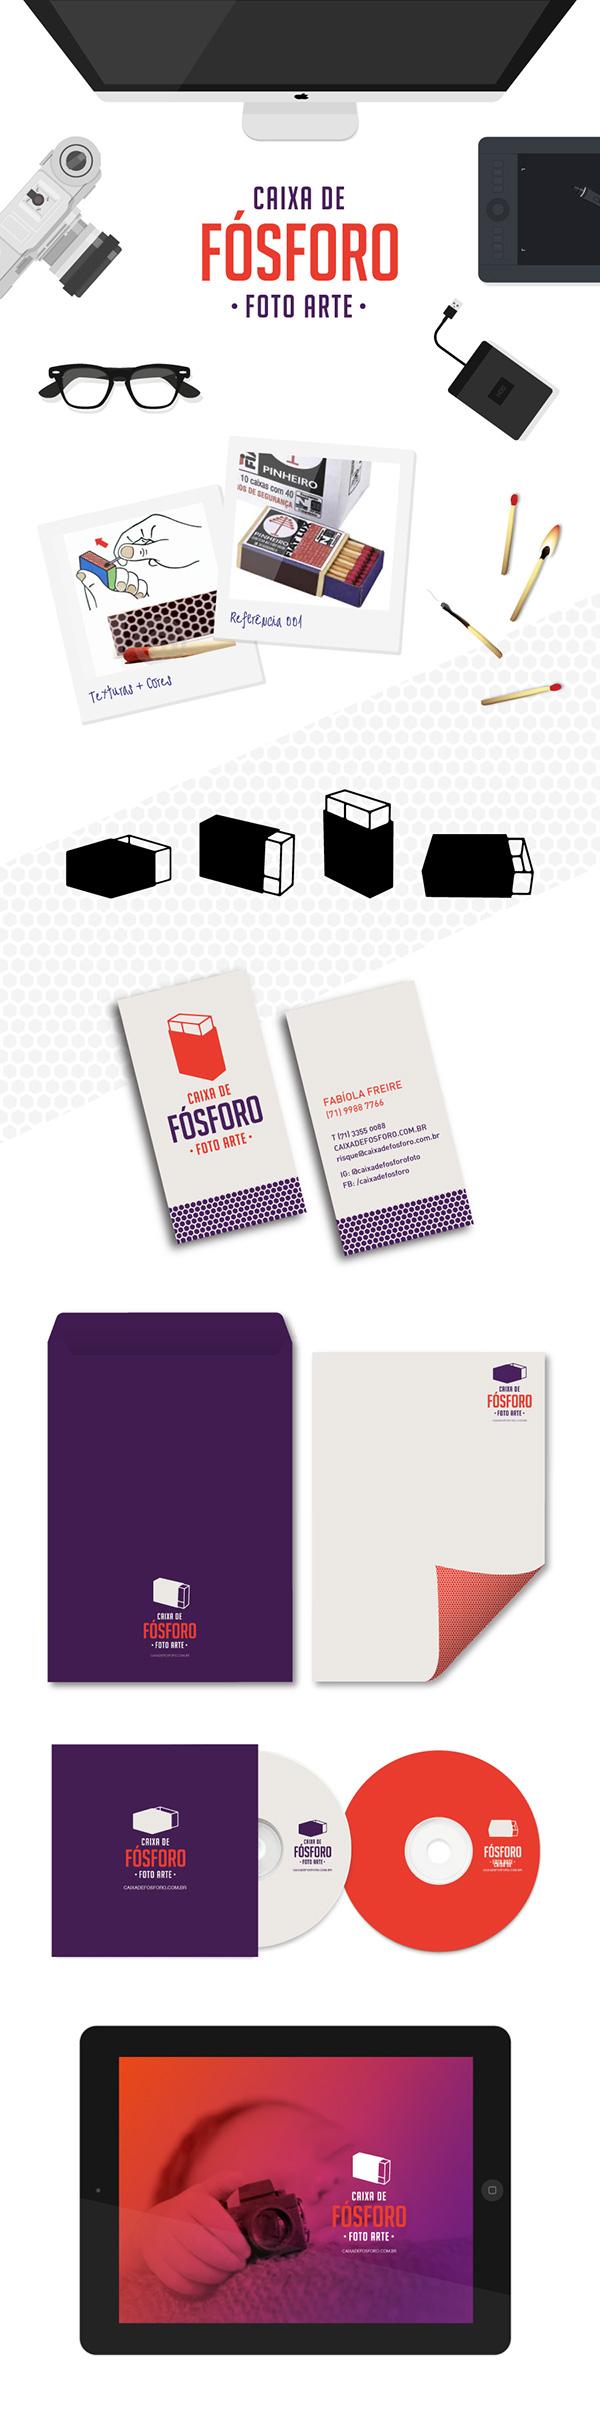 Caixa de fósforo fosforo Matches Fotografia salvador marca identidade visual